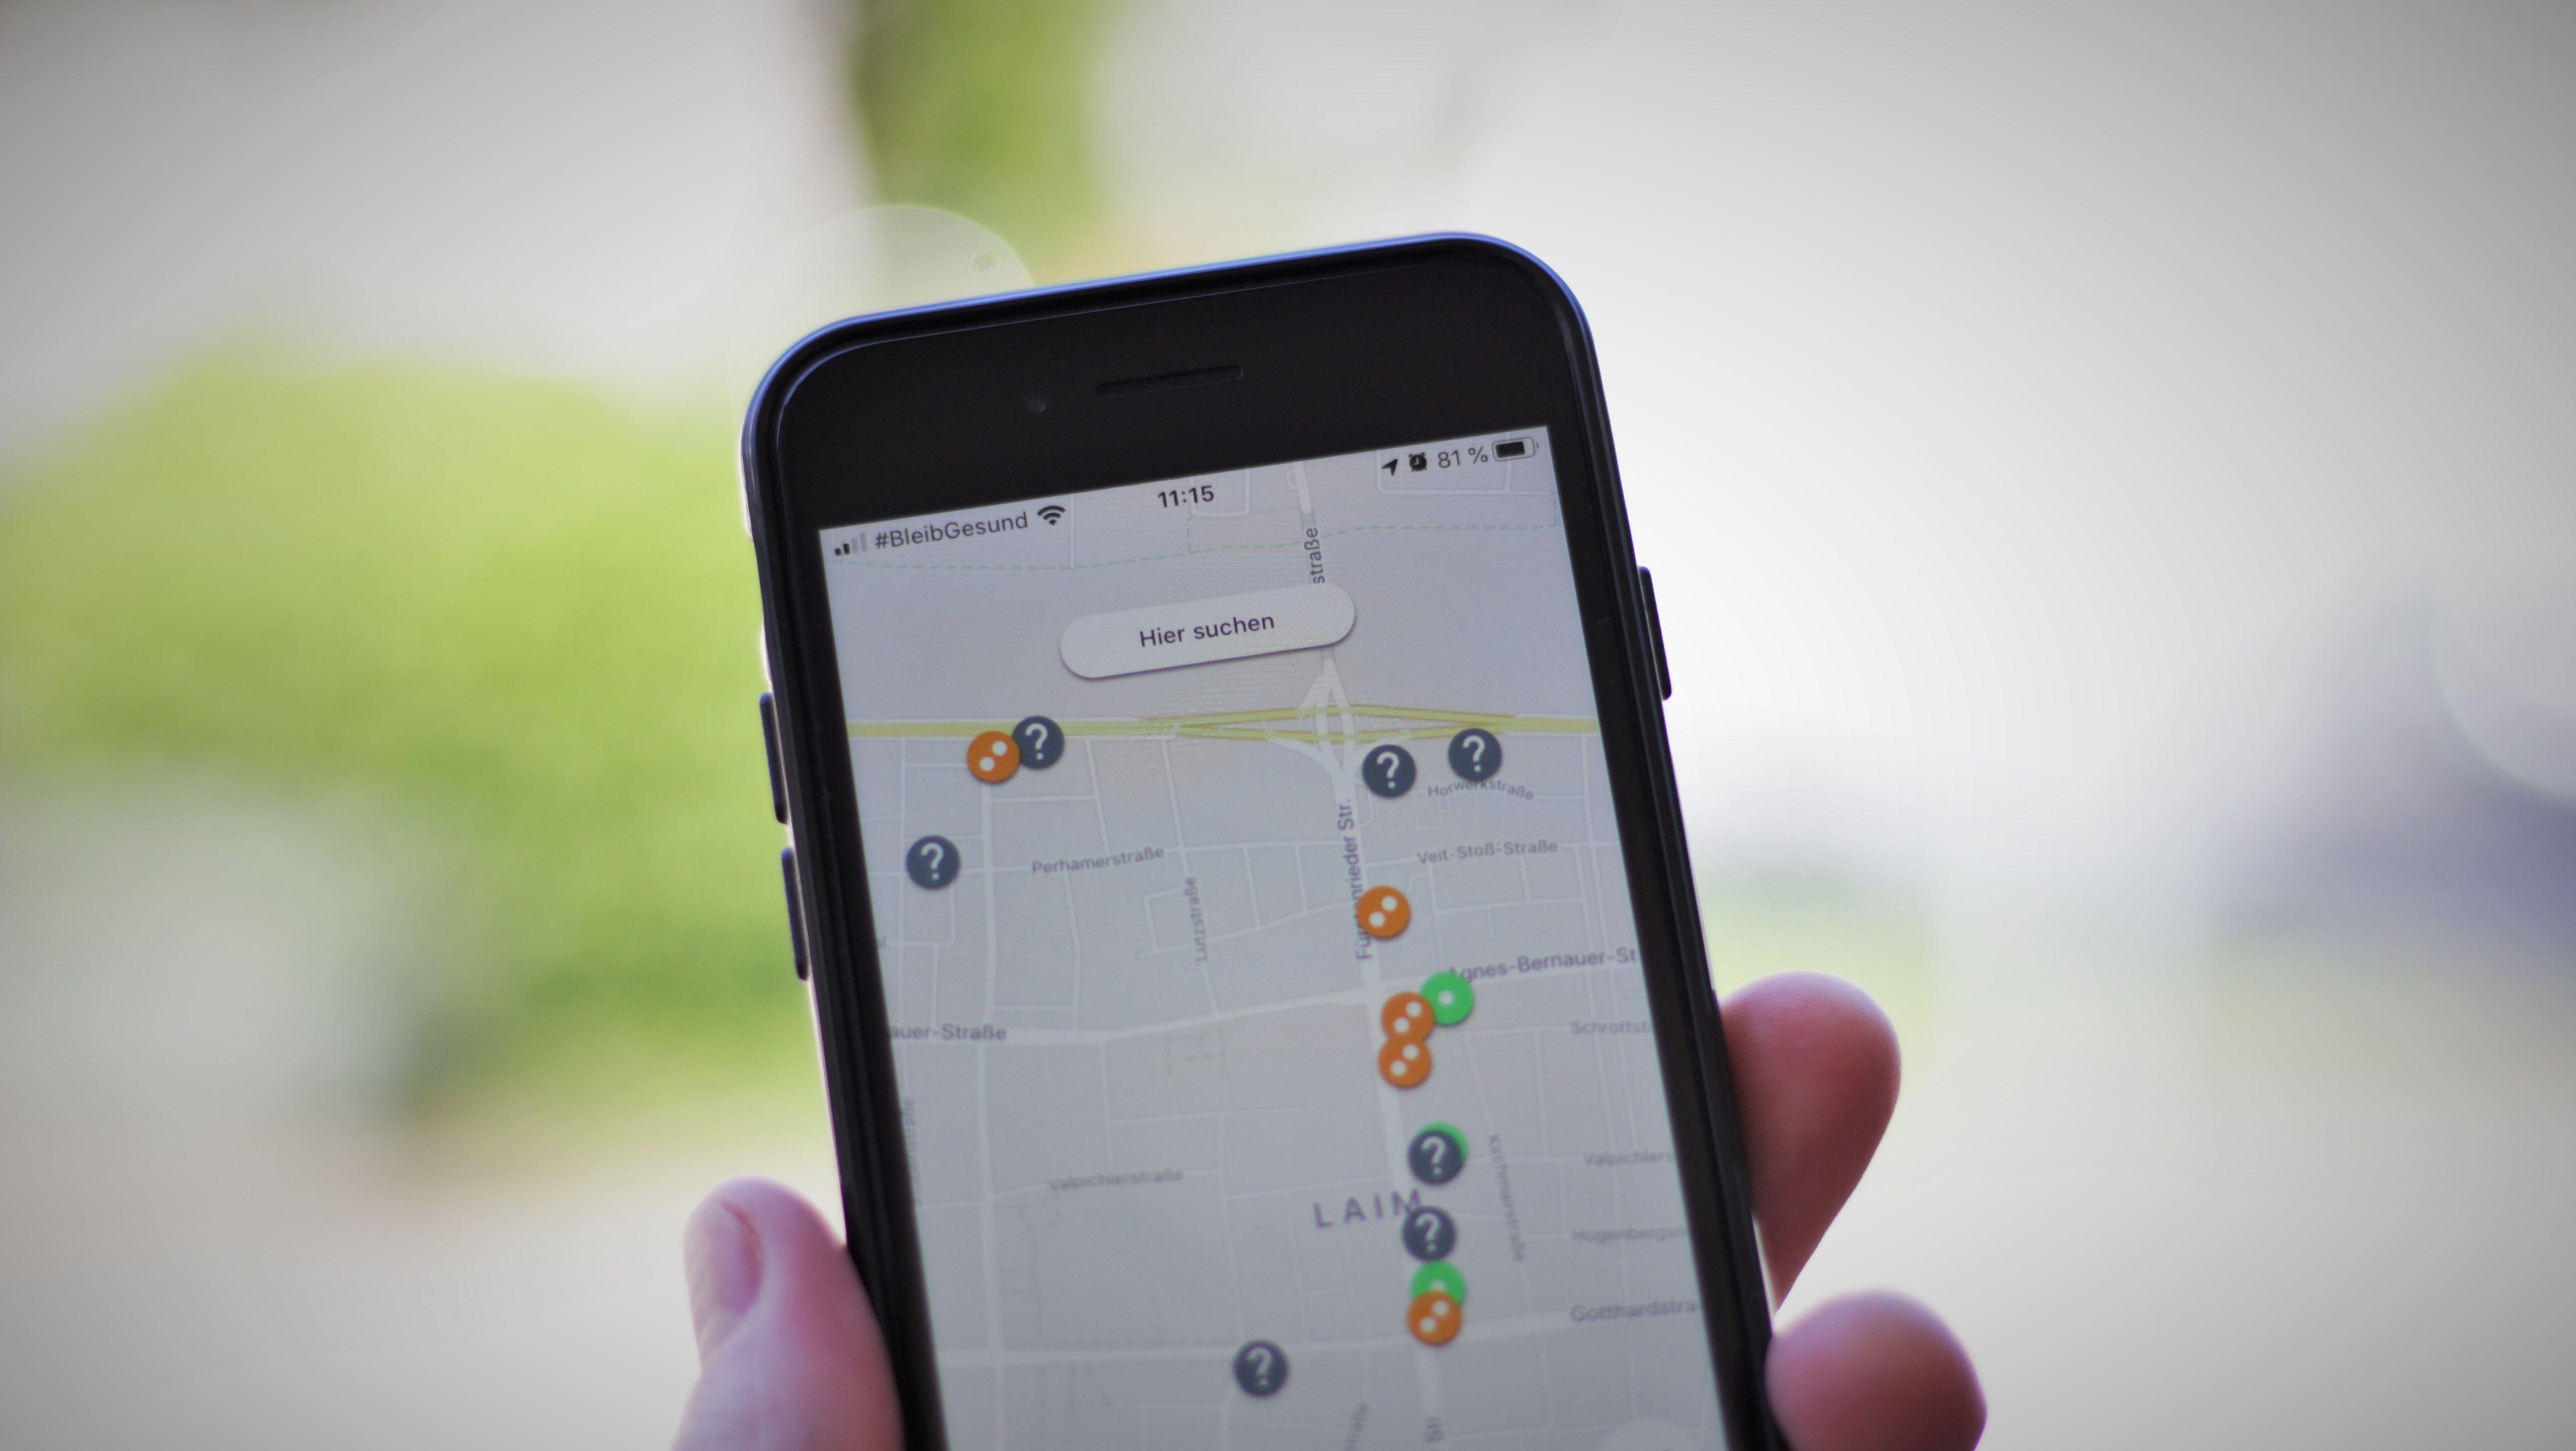 Karte mit Markierungen der App crowdless